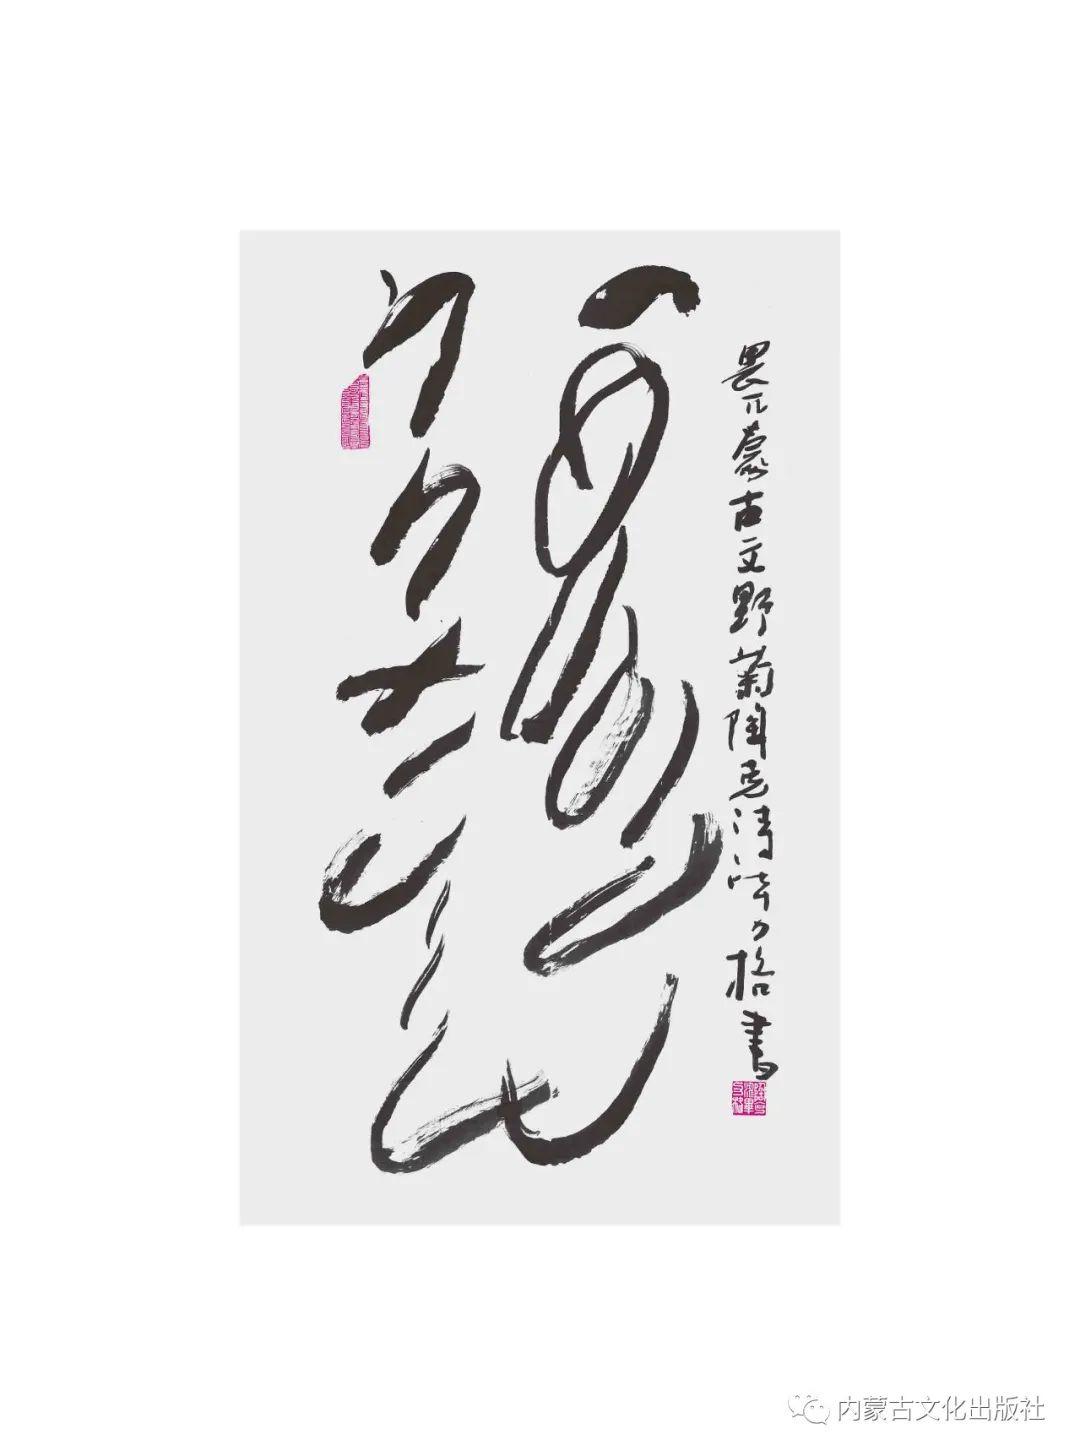 蒙古语 | 蒙古文书法欣赏 第6张 蒙古语 | 蒙古文书法欣赏 蒙古书法